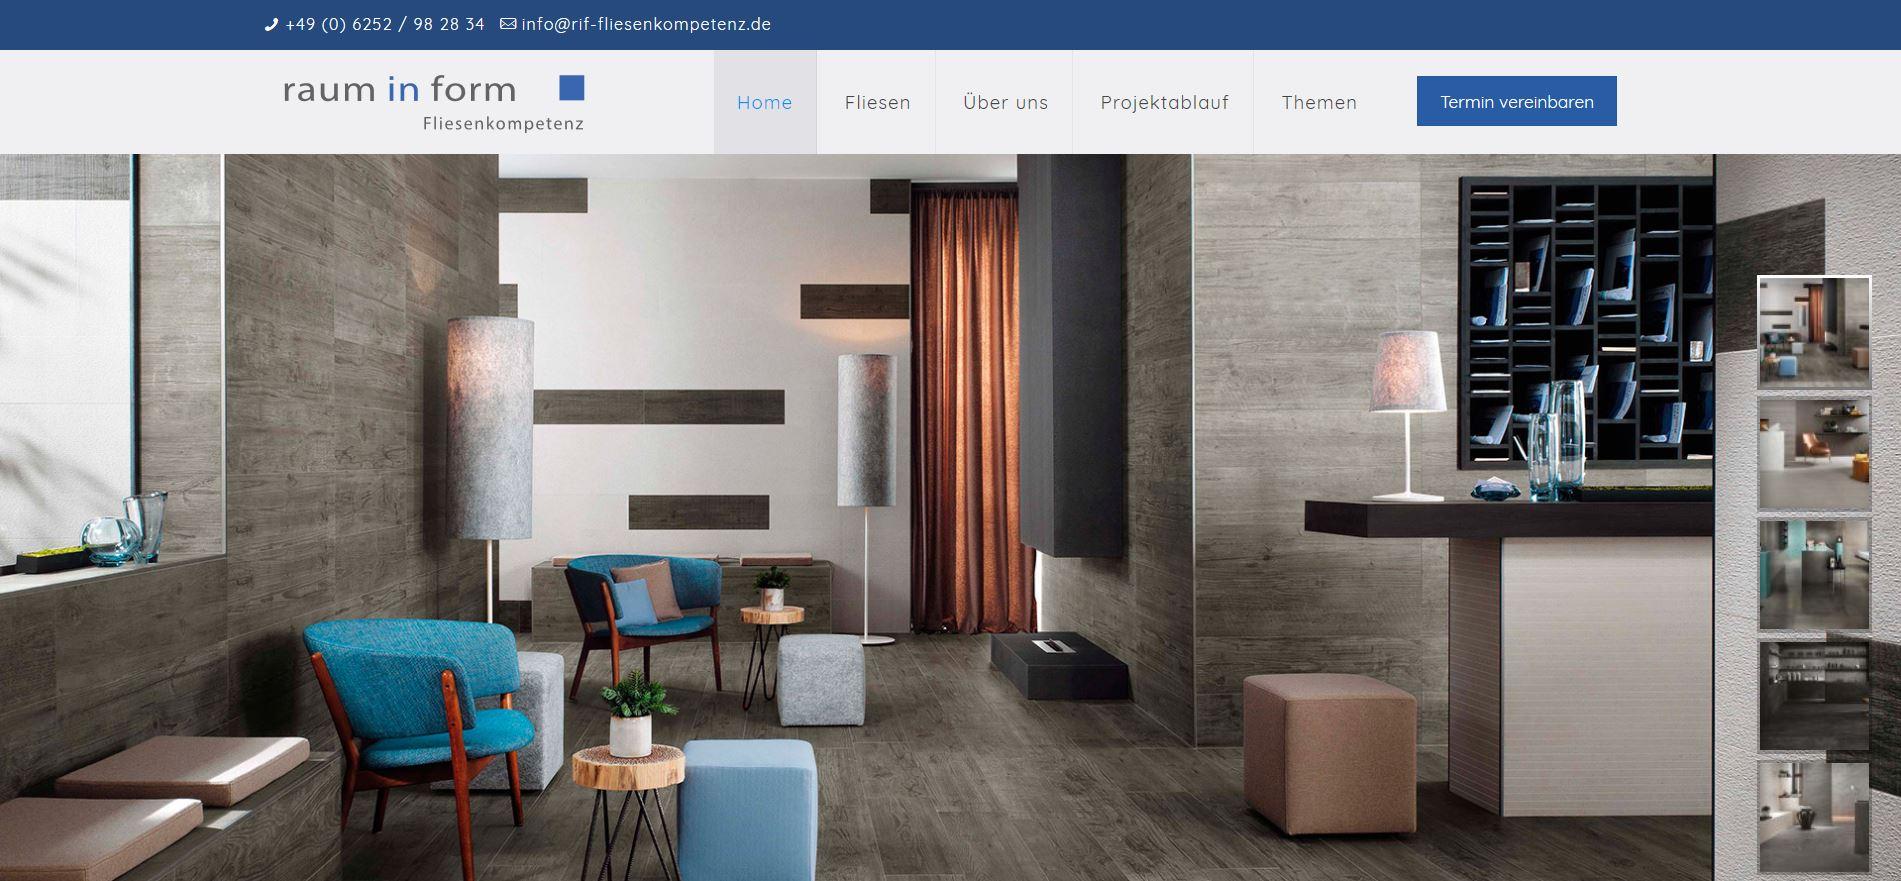 Wwwriffliesenkompetenzde Ist Online Spezialisierte Beratung - Fliesen kaufen mannheim